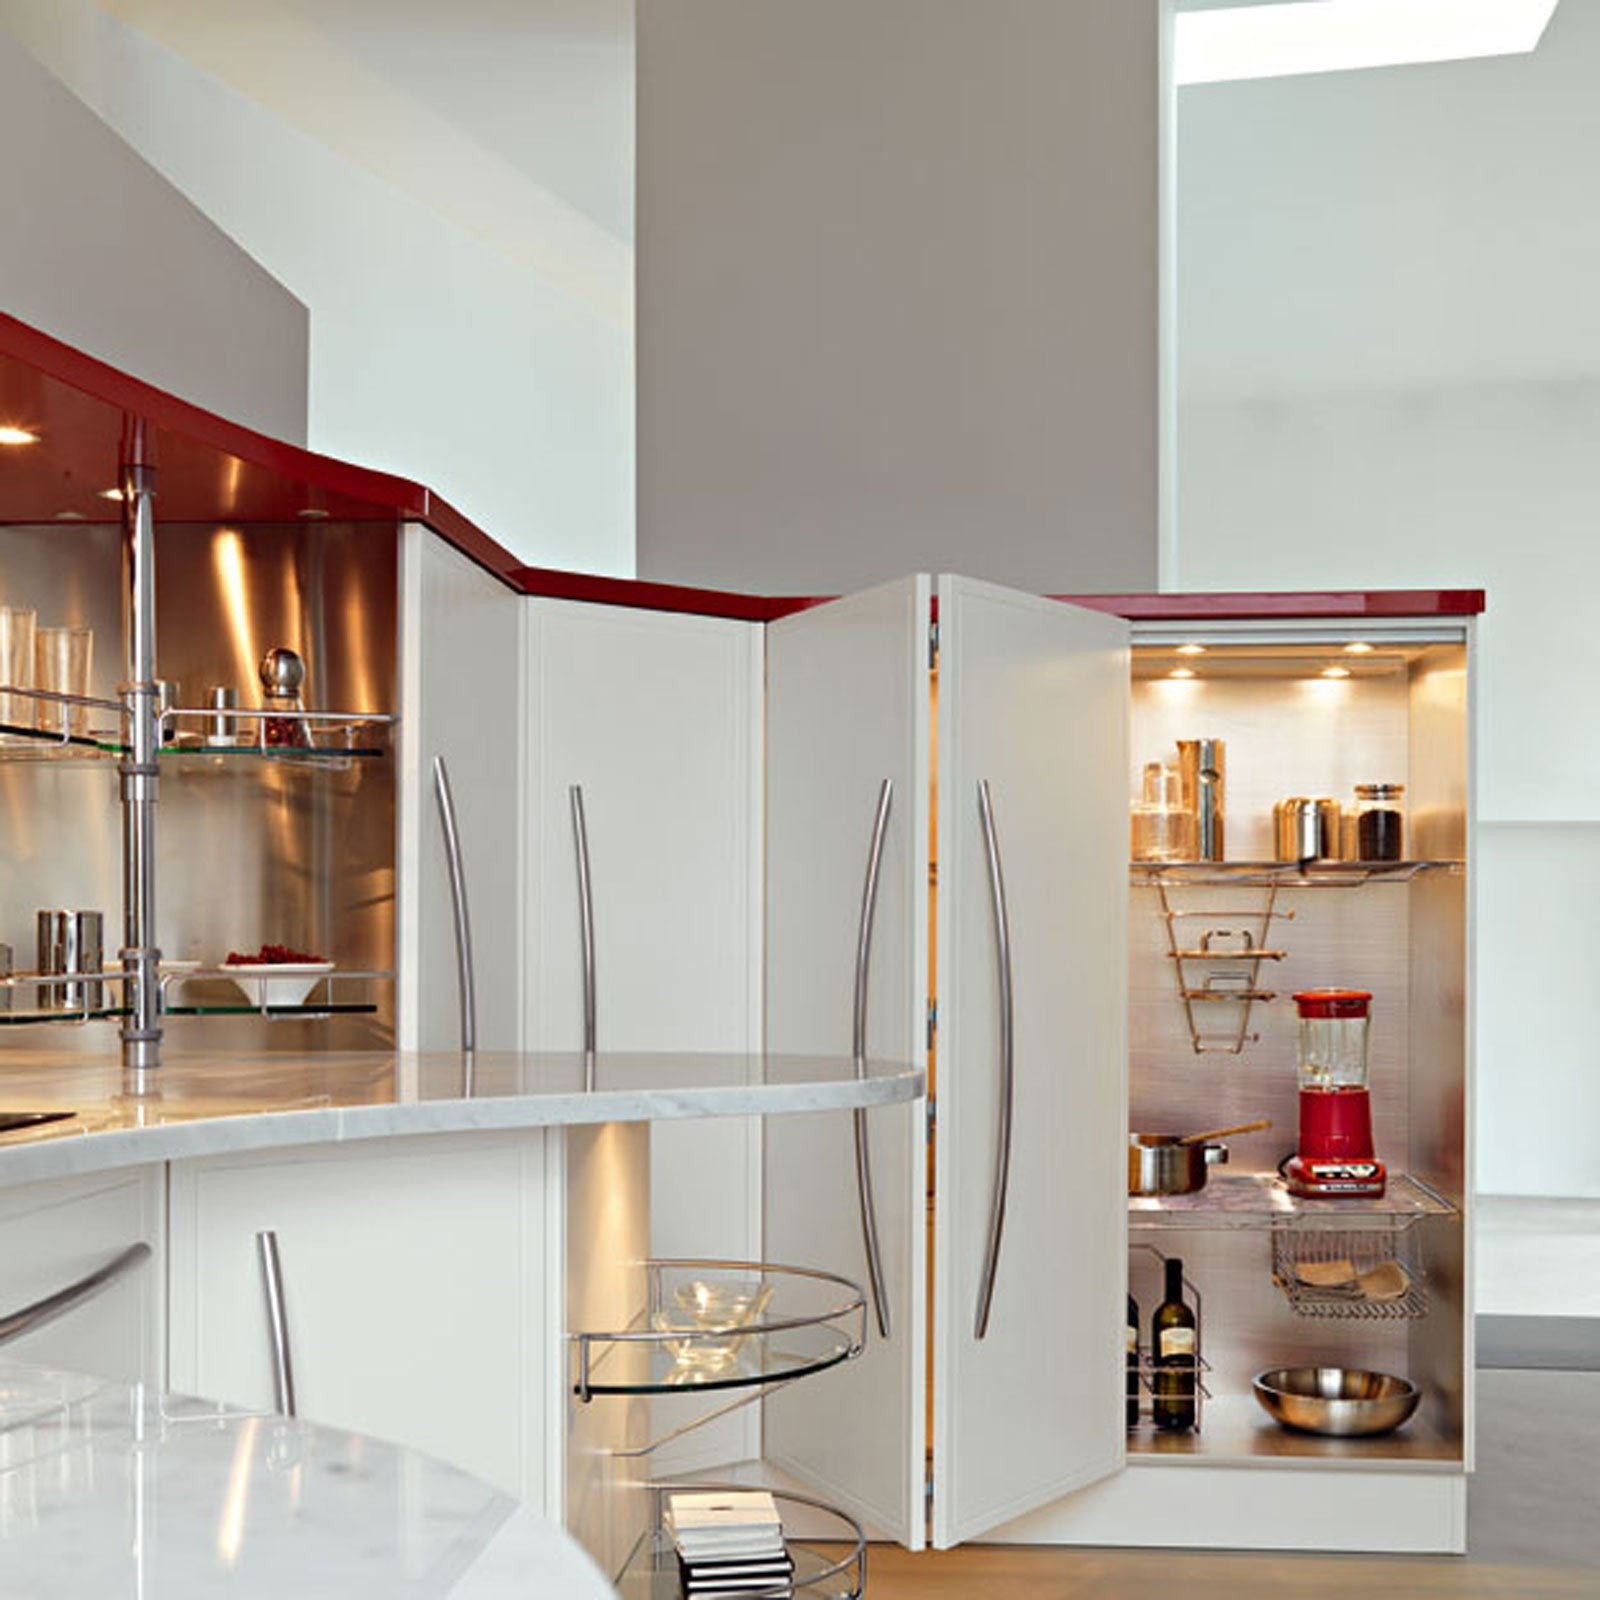 Cucina la comodit dipende anche dall 39 interno cose di casa for Piani di casa con dispensa maggiordomi